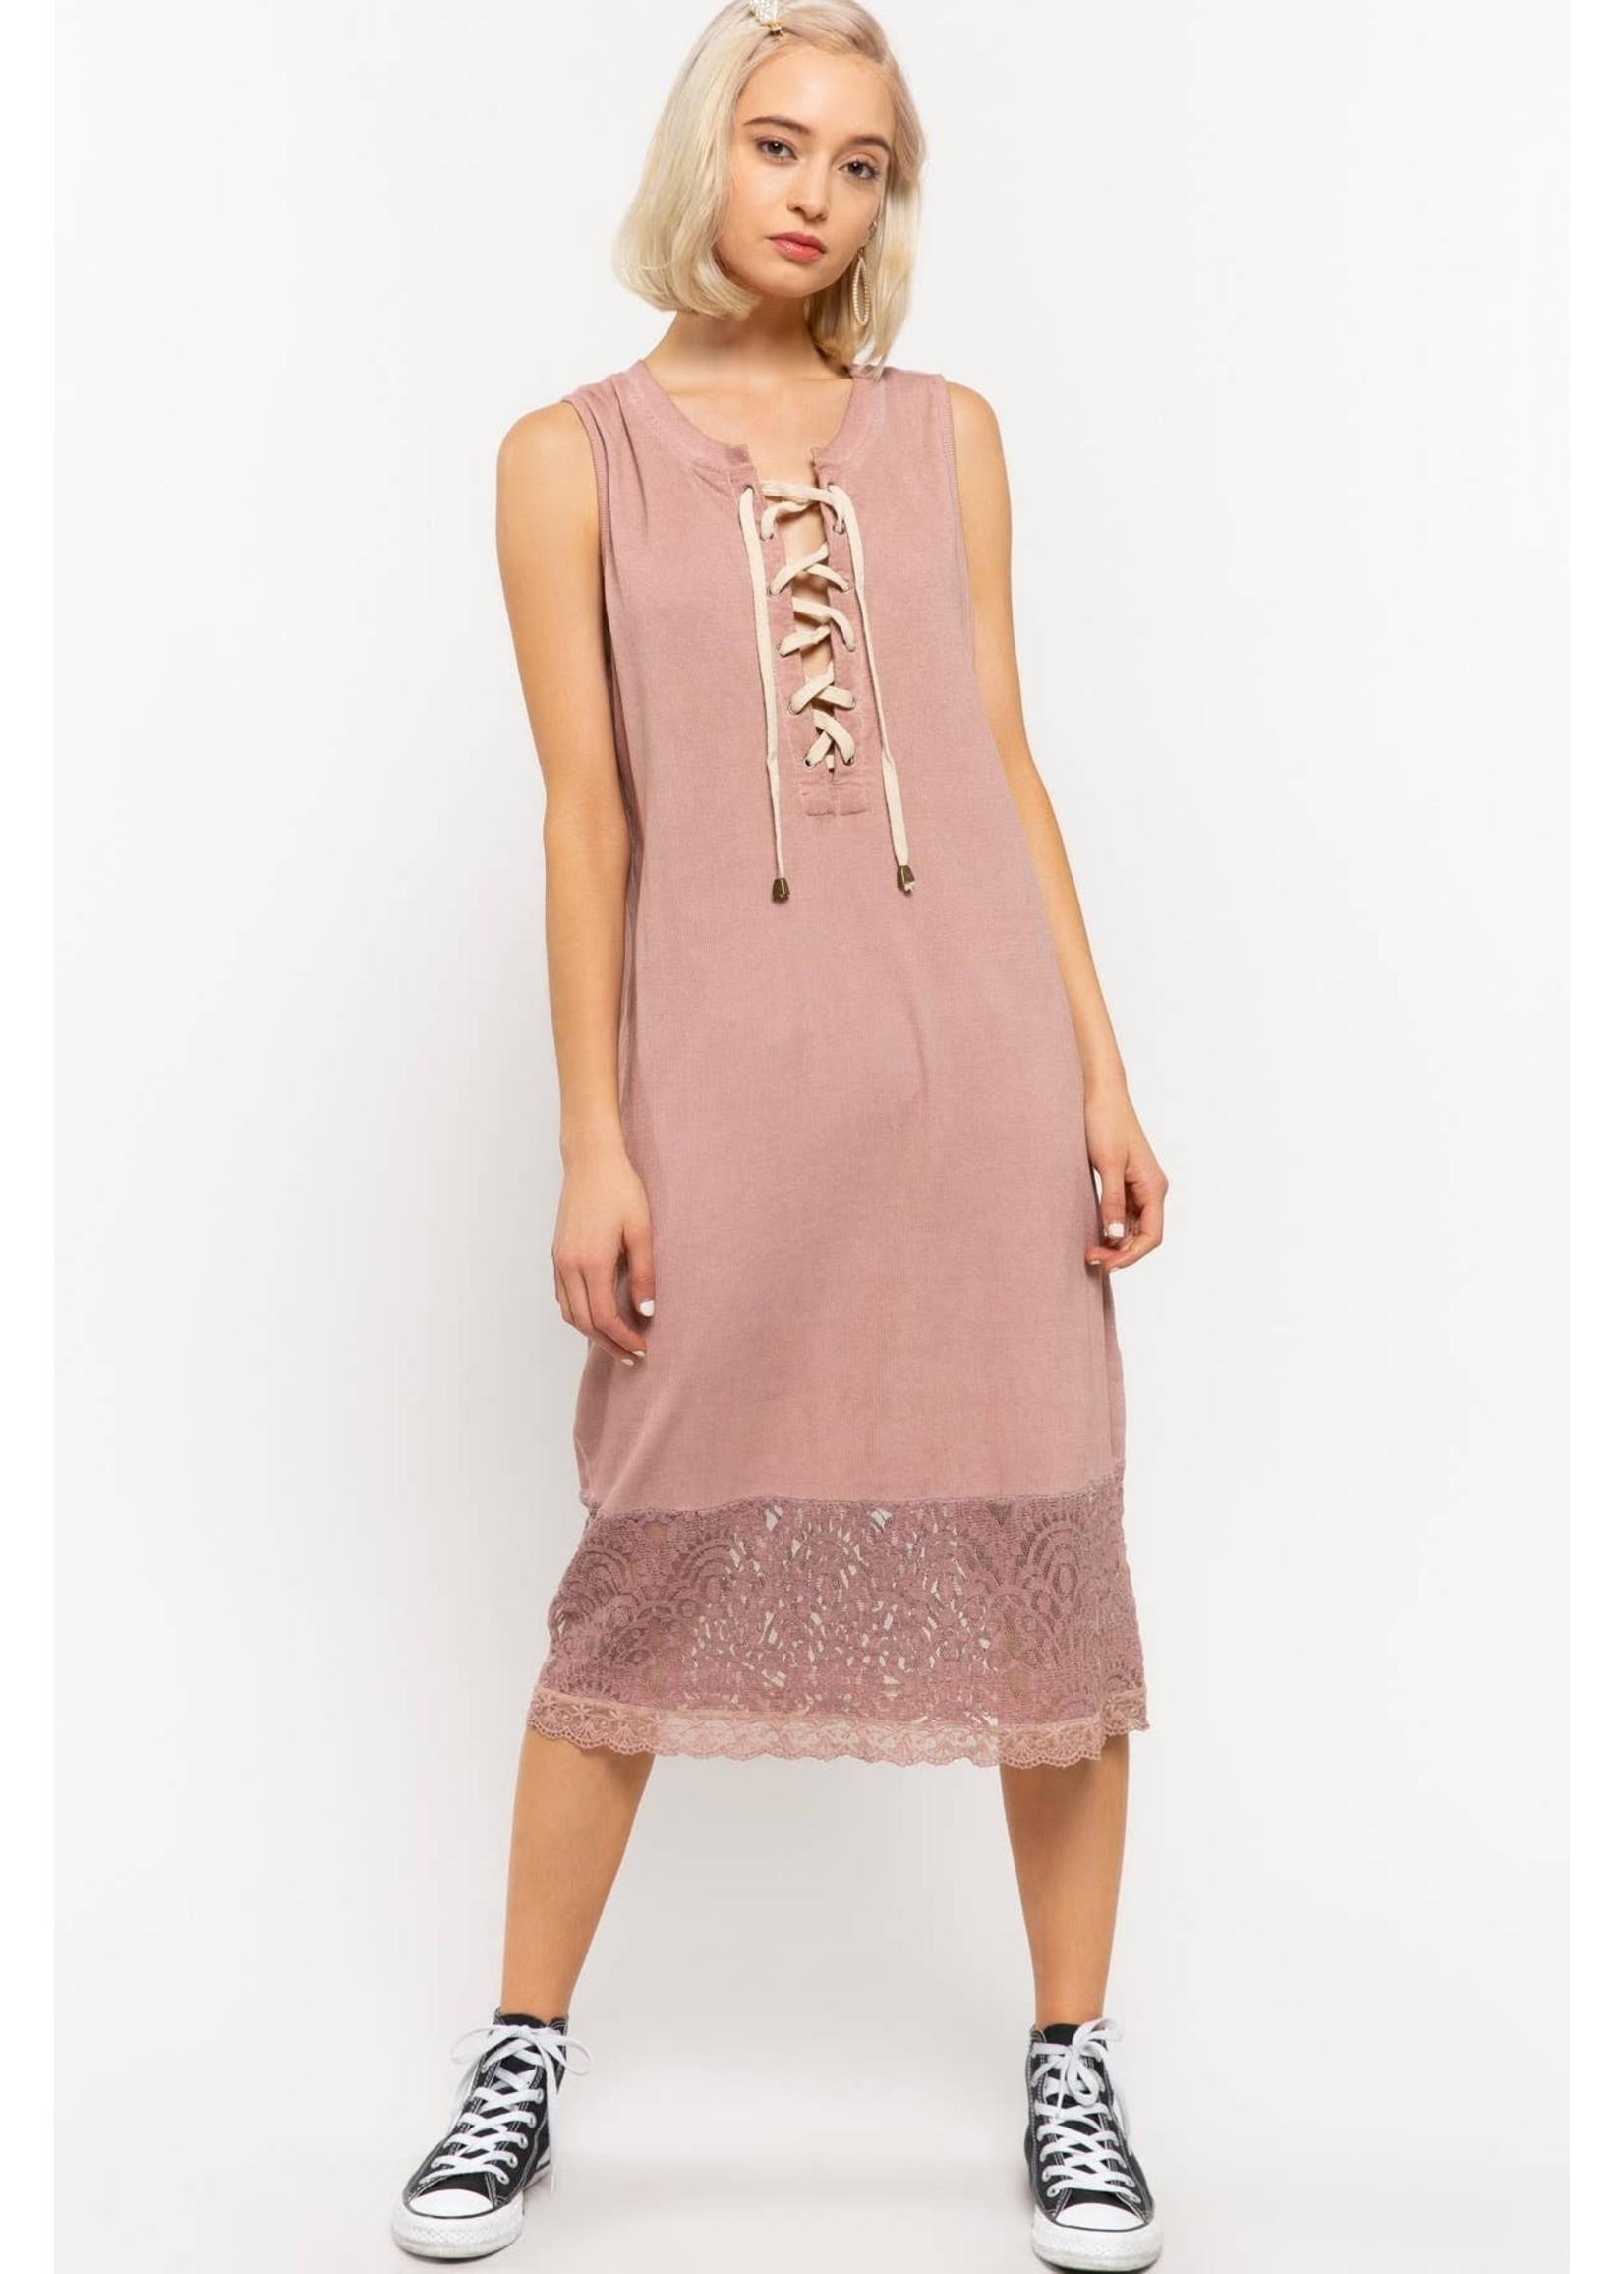 POL Lace Tank Dress w/Tie